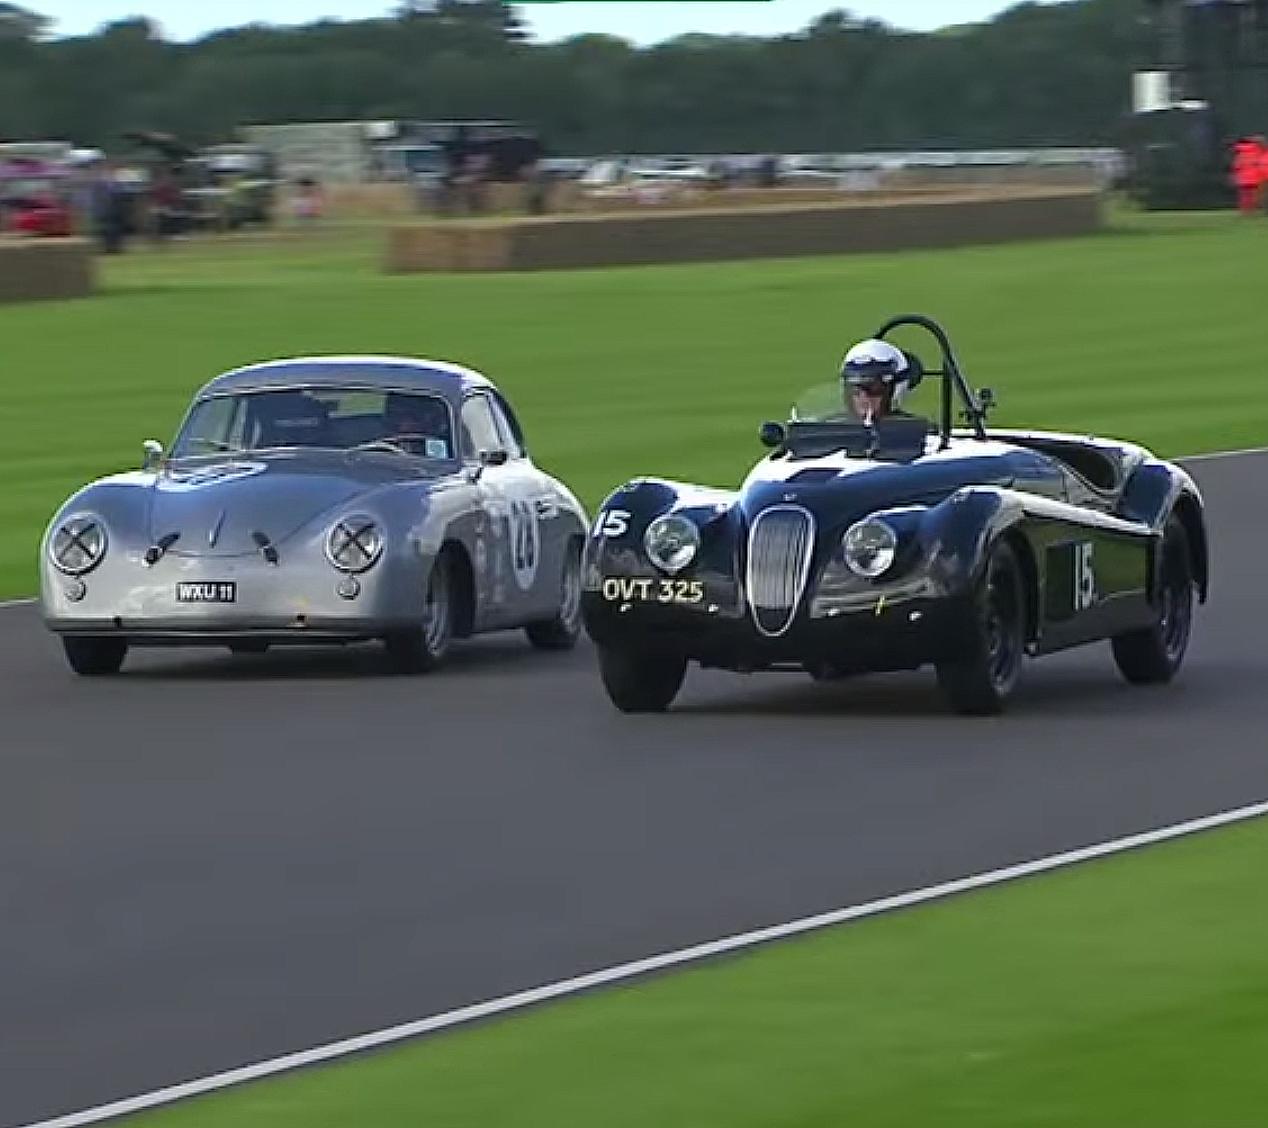 An Epically Gorgeous Porsche 356 Runs Hard at Goodwood